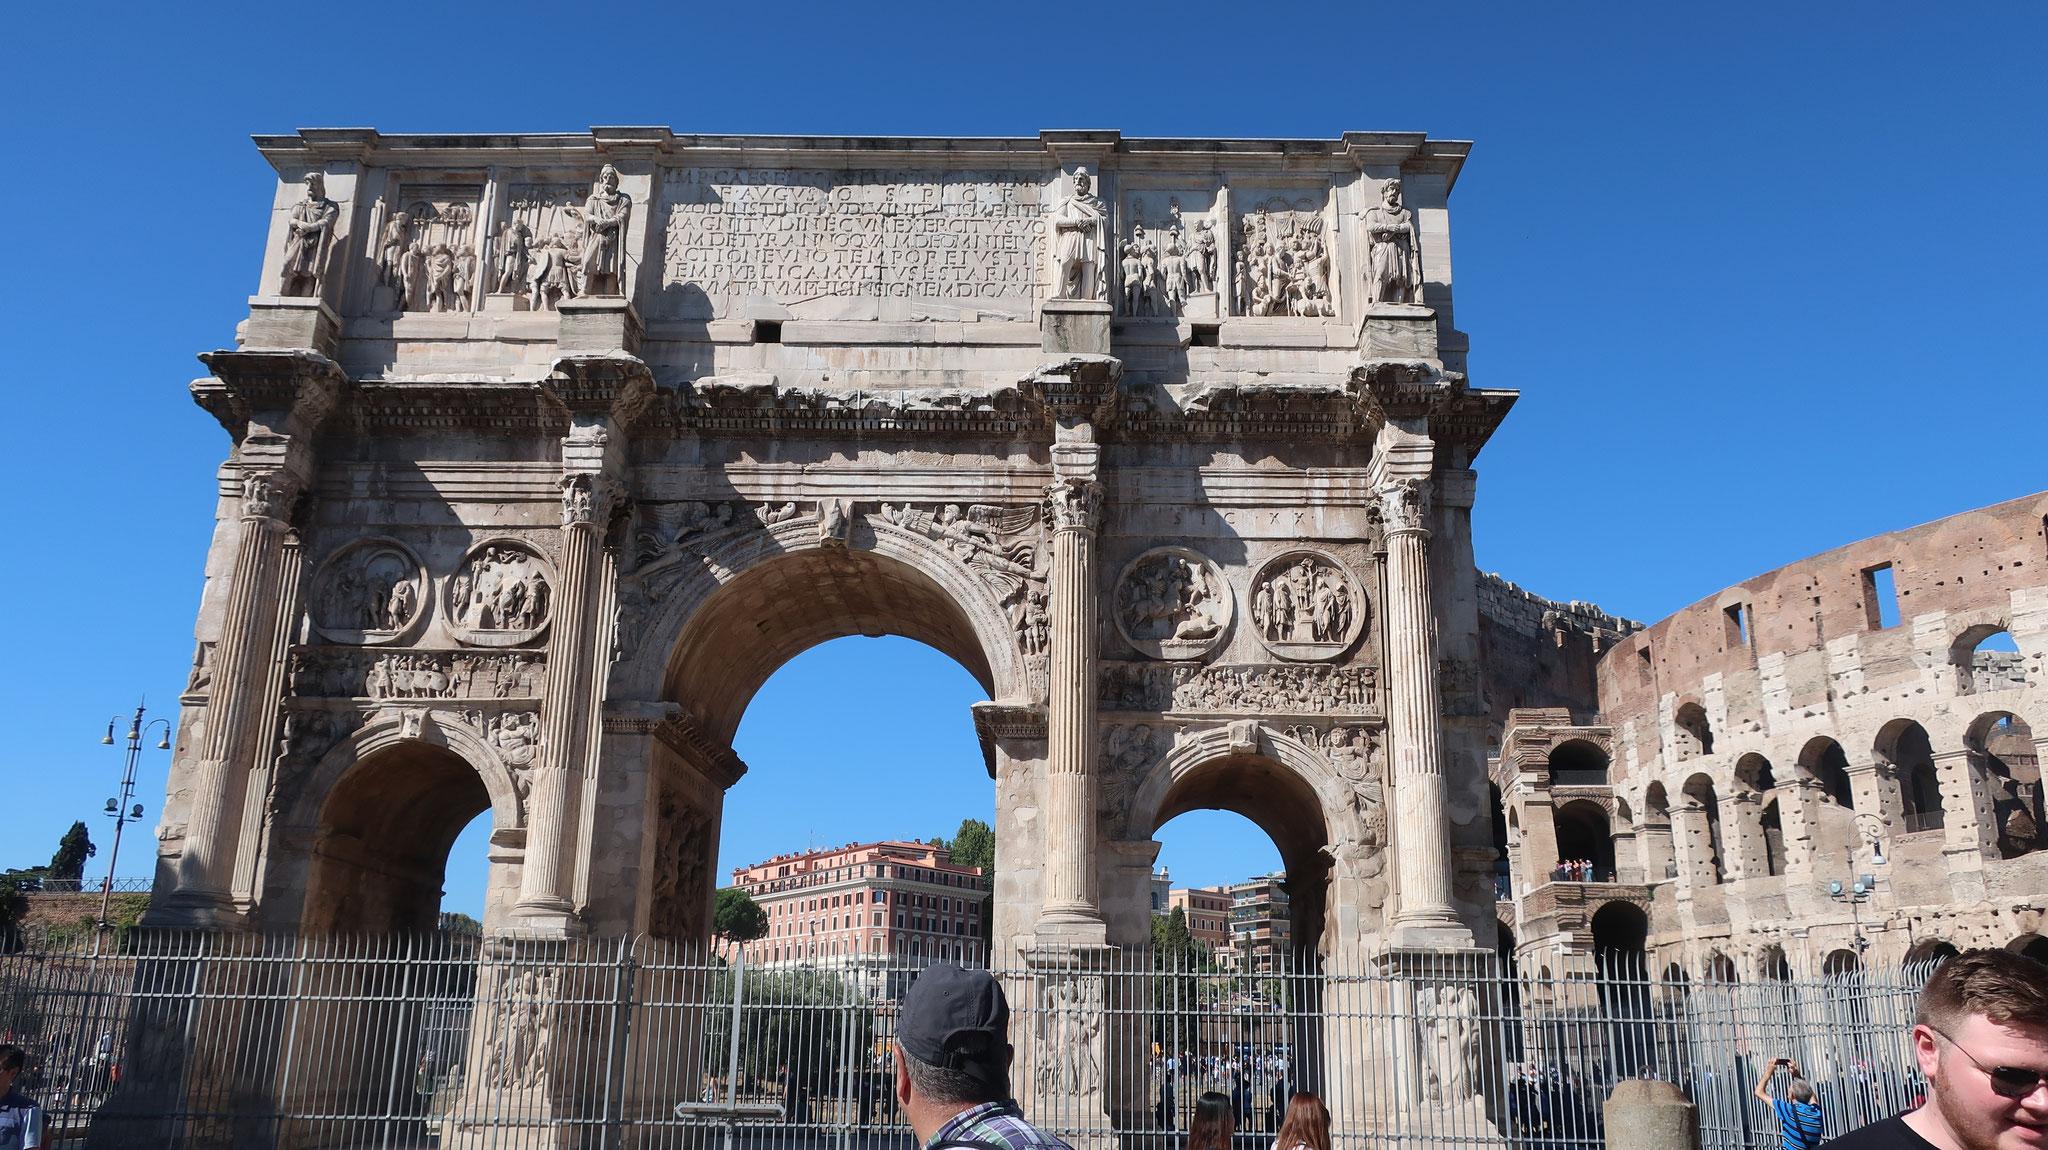 4世紀、コンスタンティヌス大帝がミルヴィオ橋の戦いにおいて、マクセンティウス帝に勝利したのを記念して建てられました。 パリにあるナポレオンの凱旋門(19世紀)より1500年も前に建造されたのです。